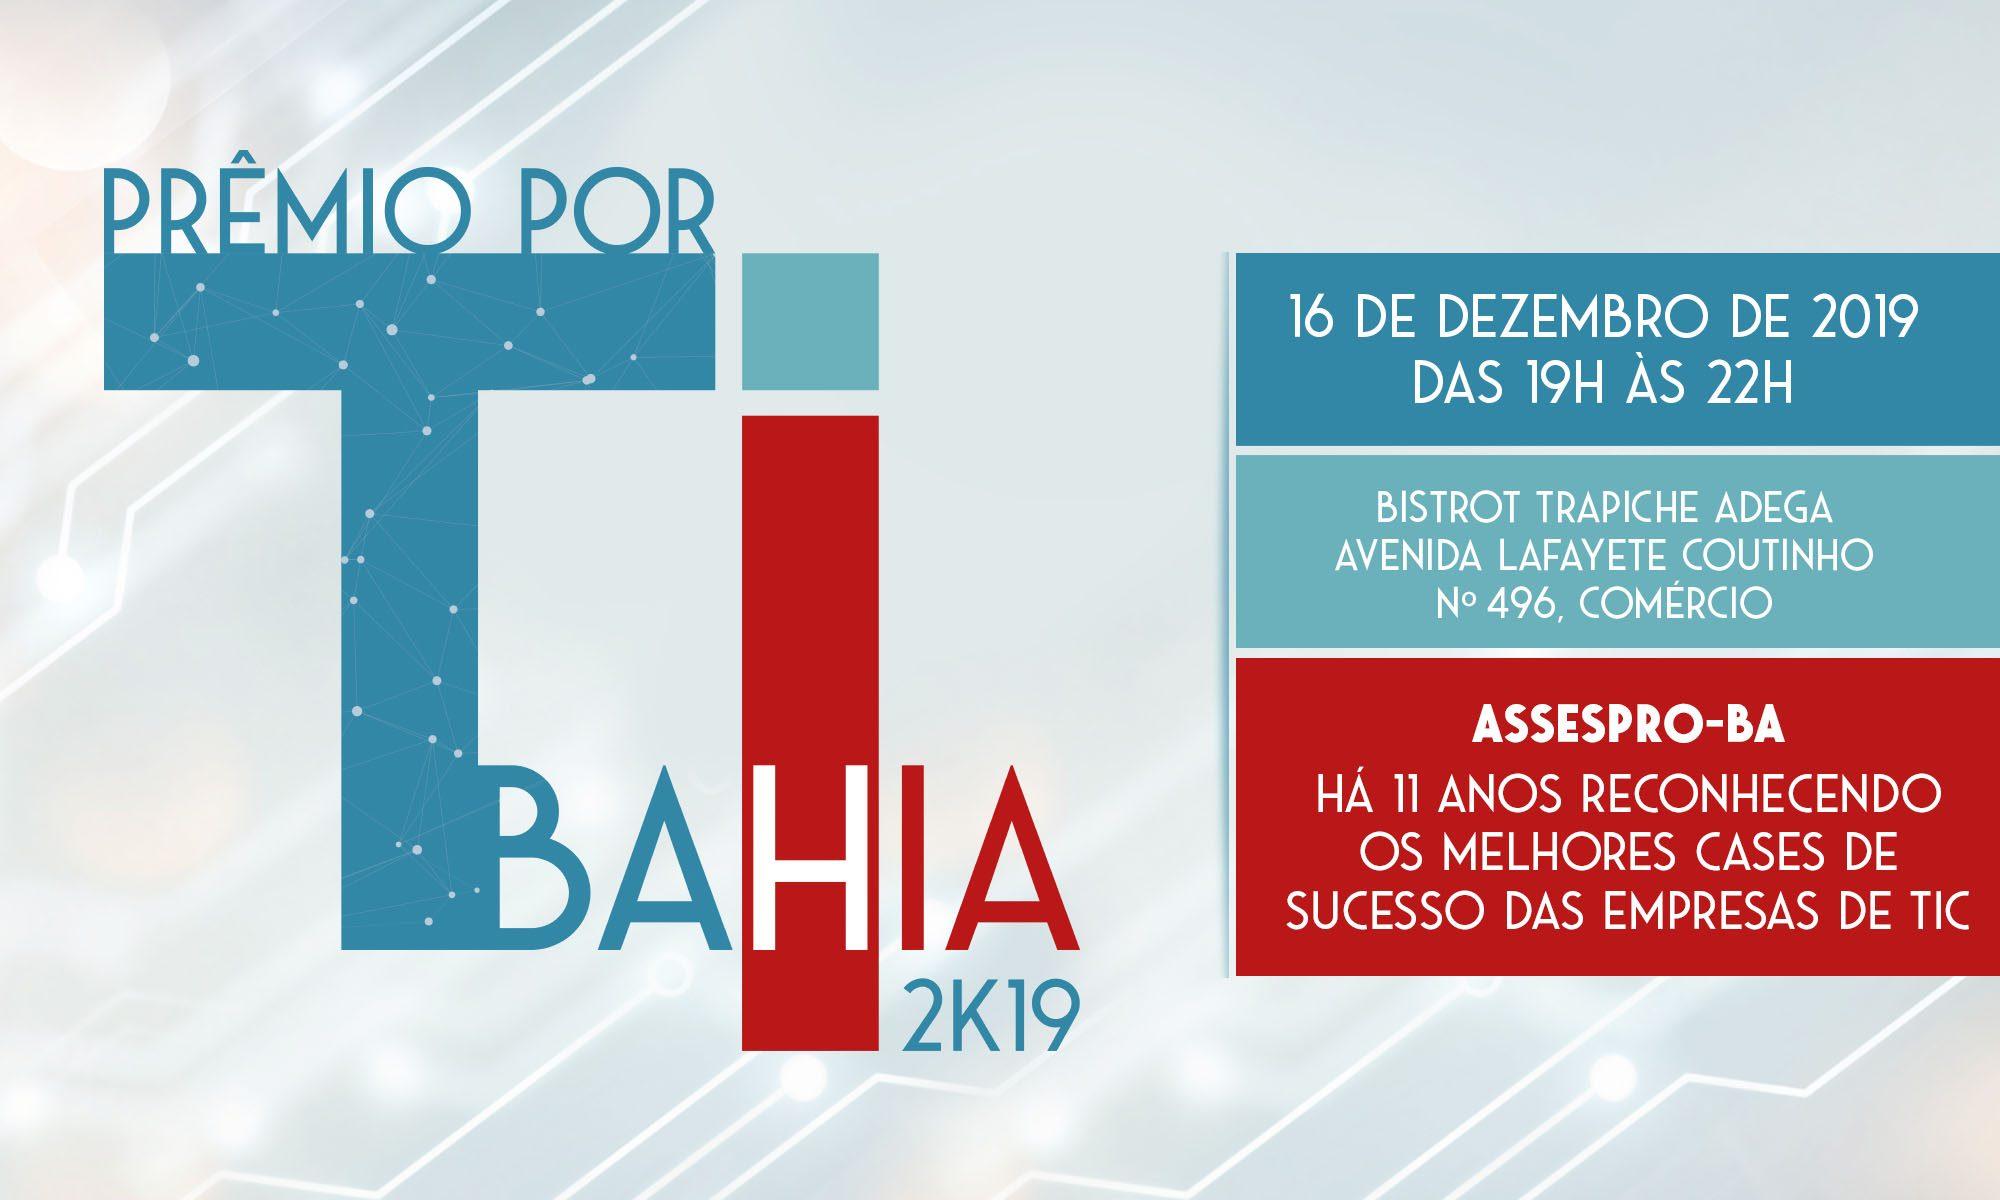 Prêmio Por TI Bahia